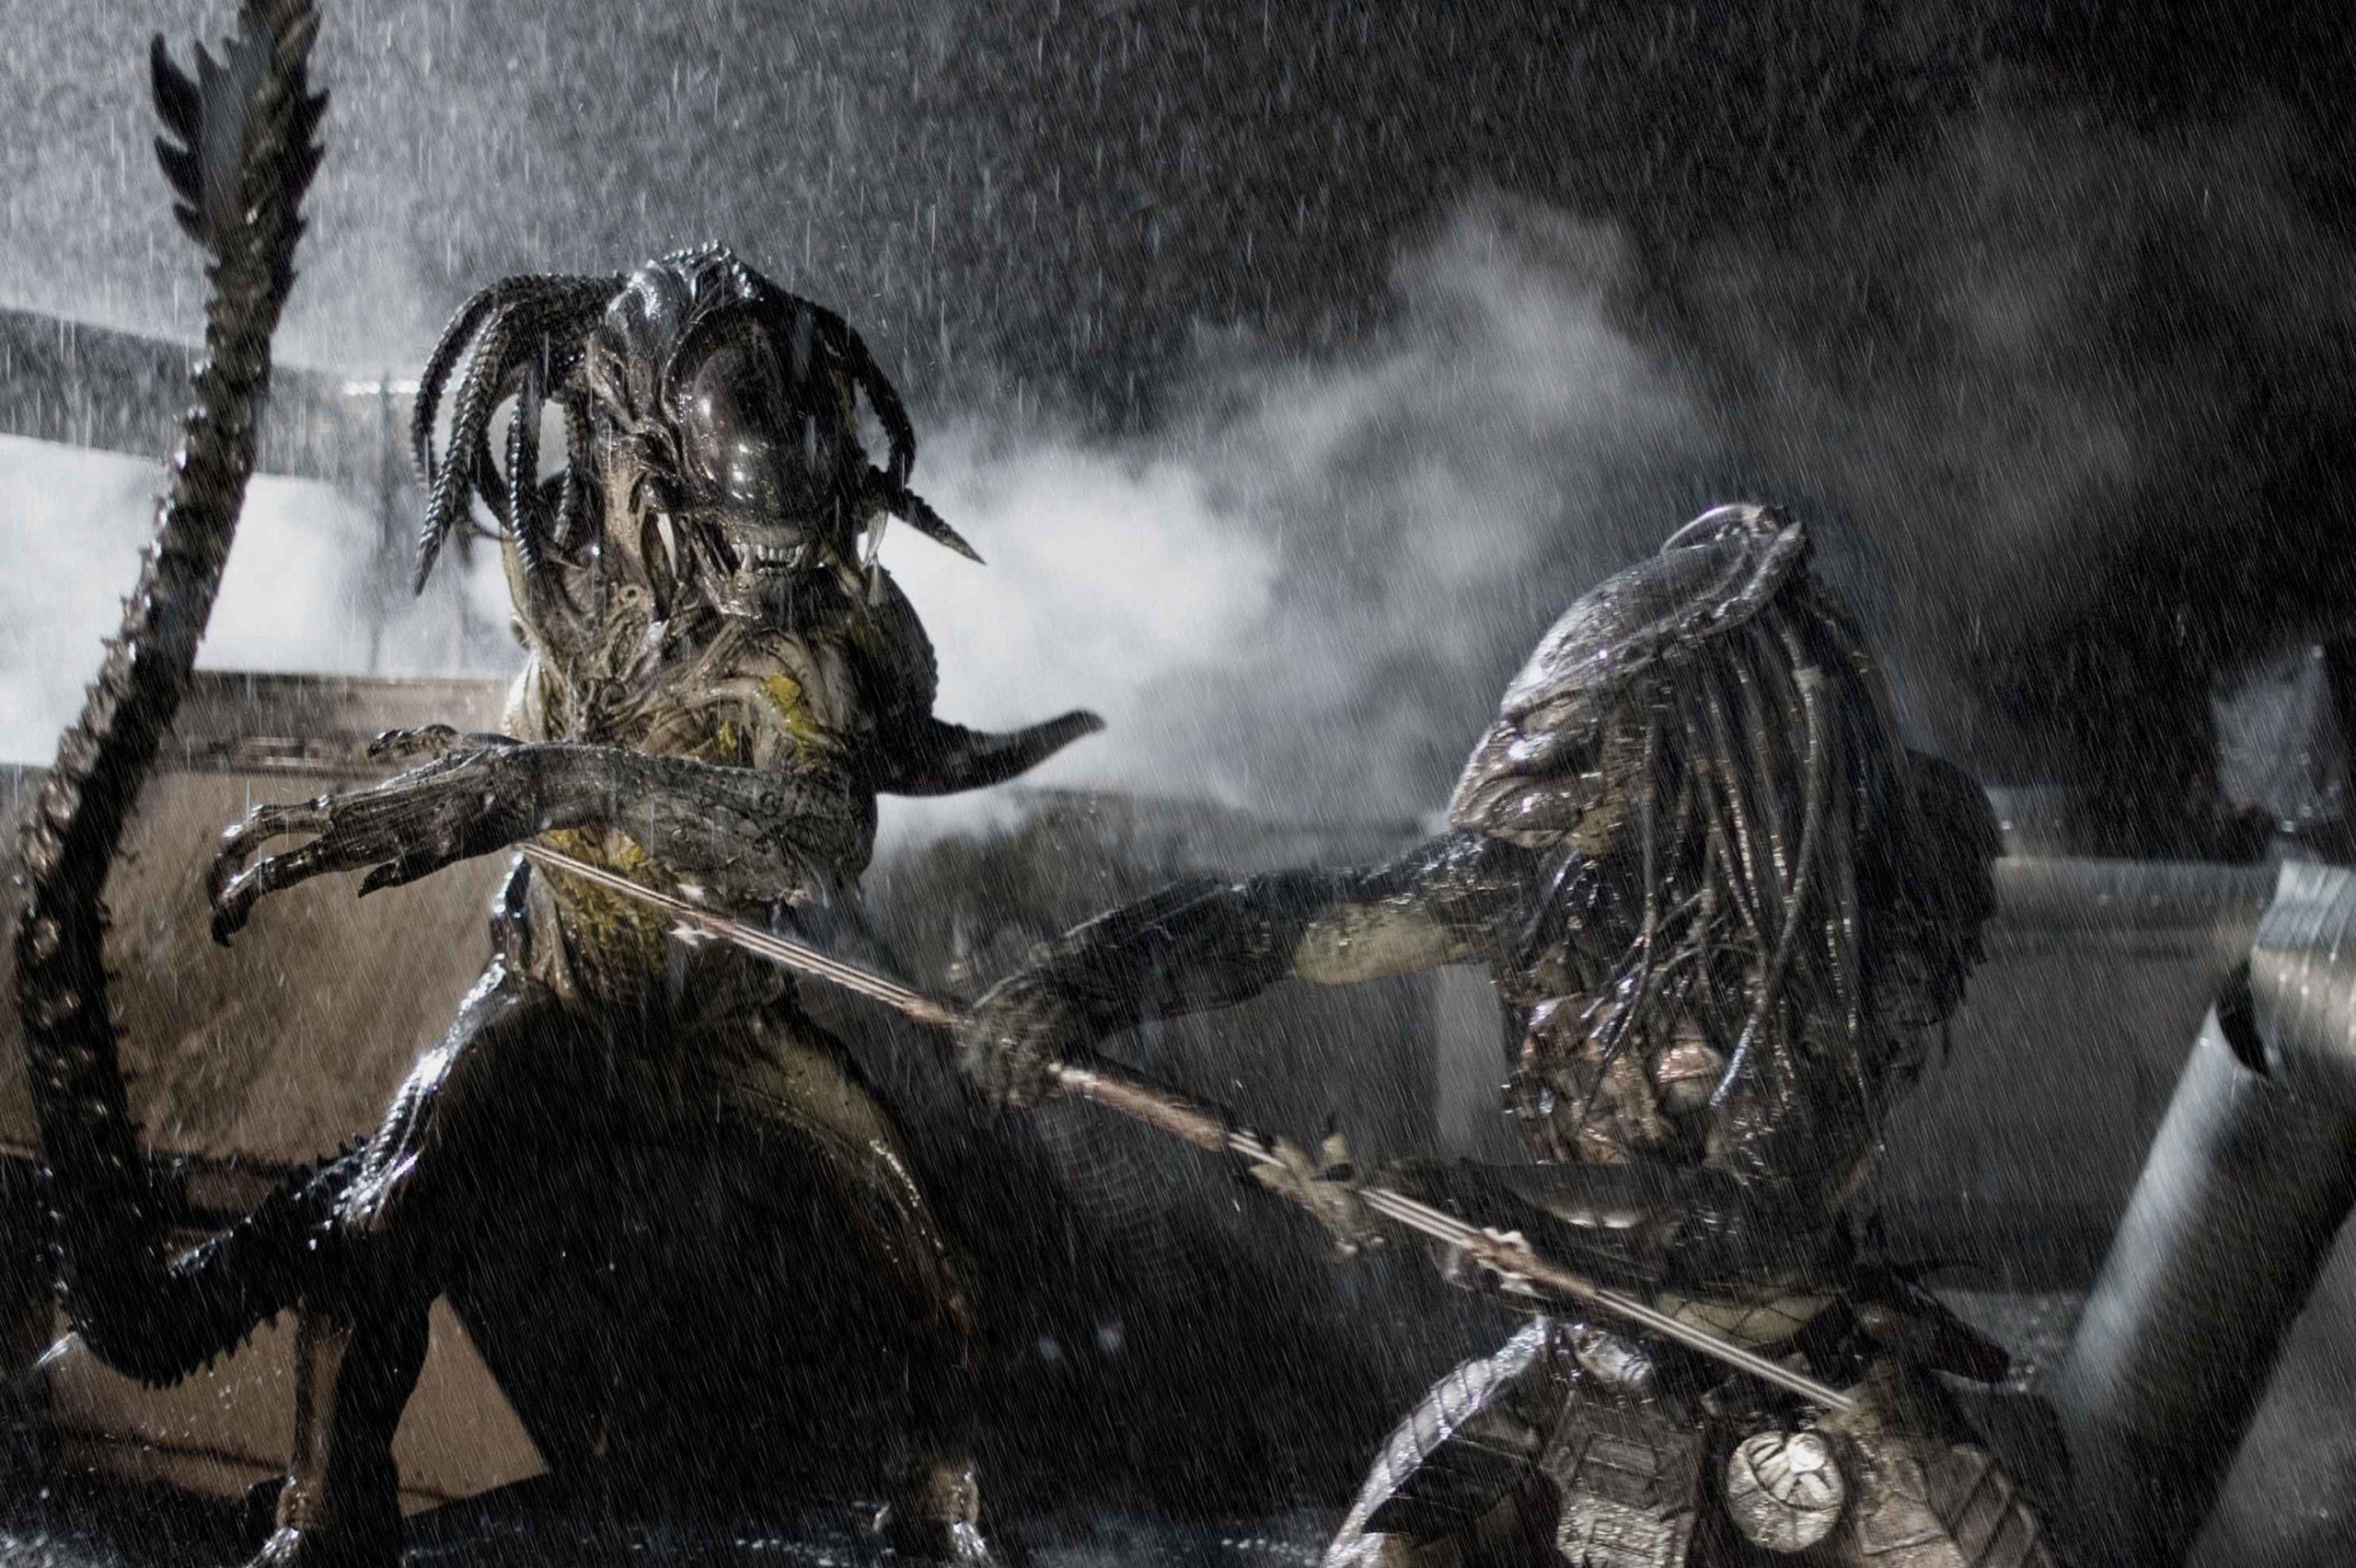 Alien vs. Predator - Plugged In